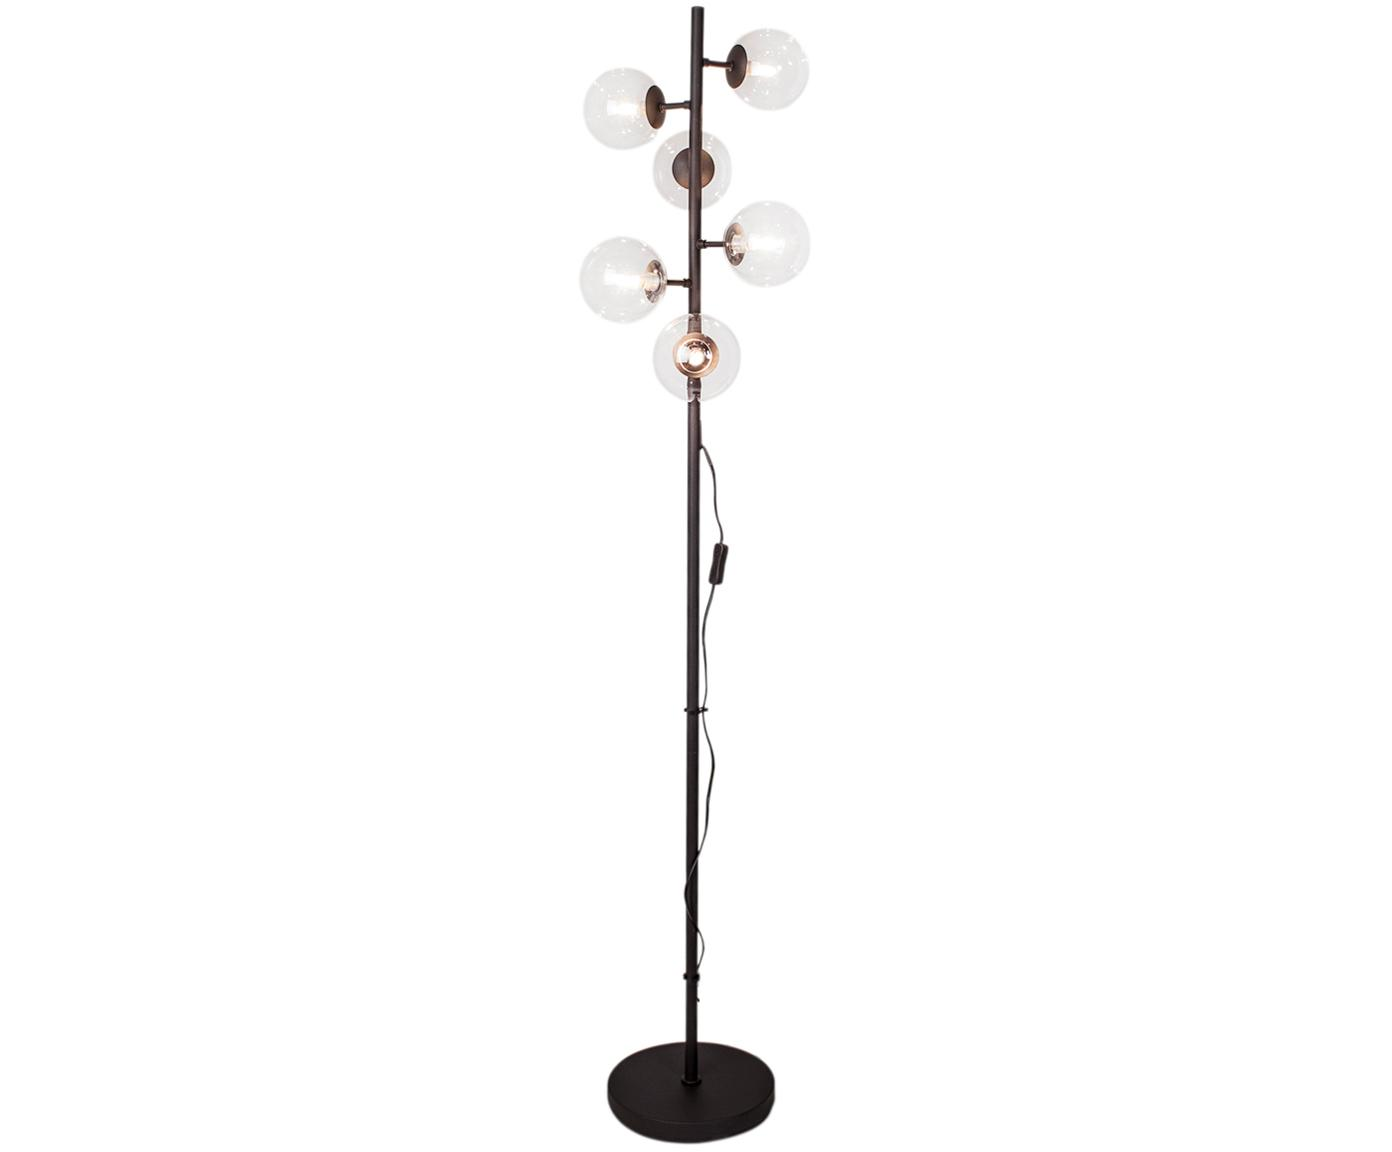 Lampa podłogowa Move, Czarny, transparentny, Ø 35 x W 160 cm